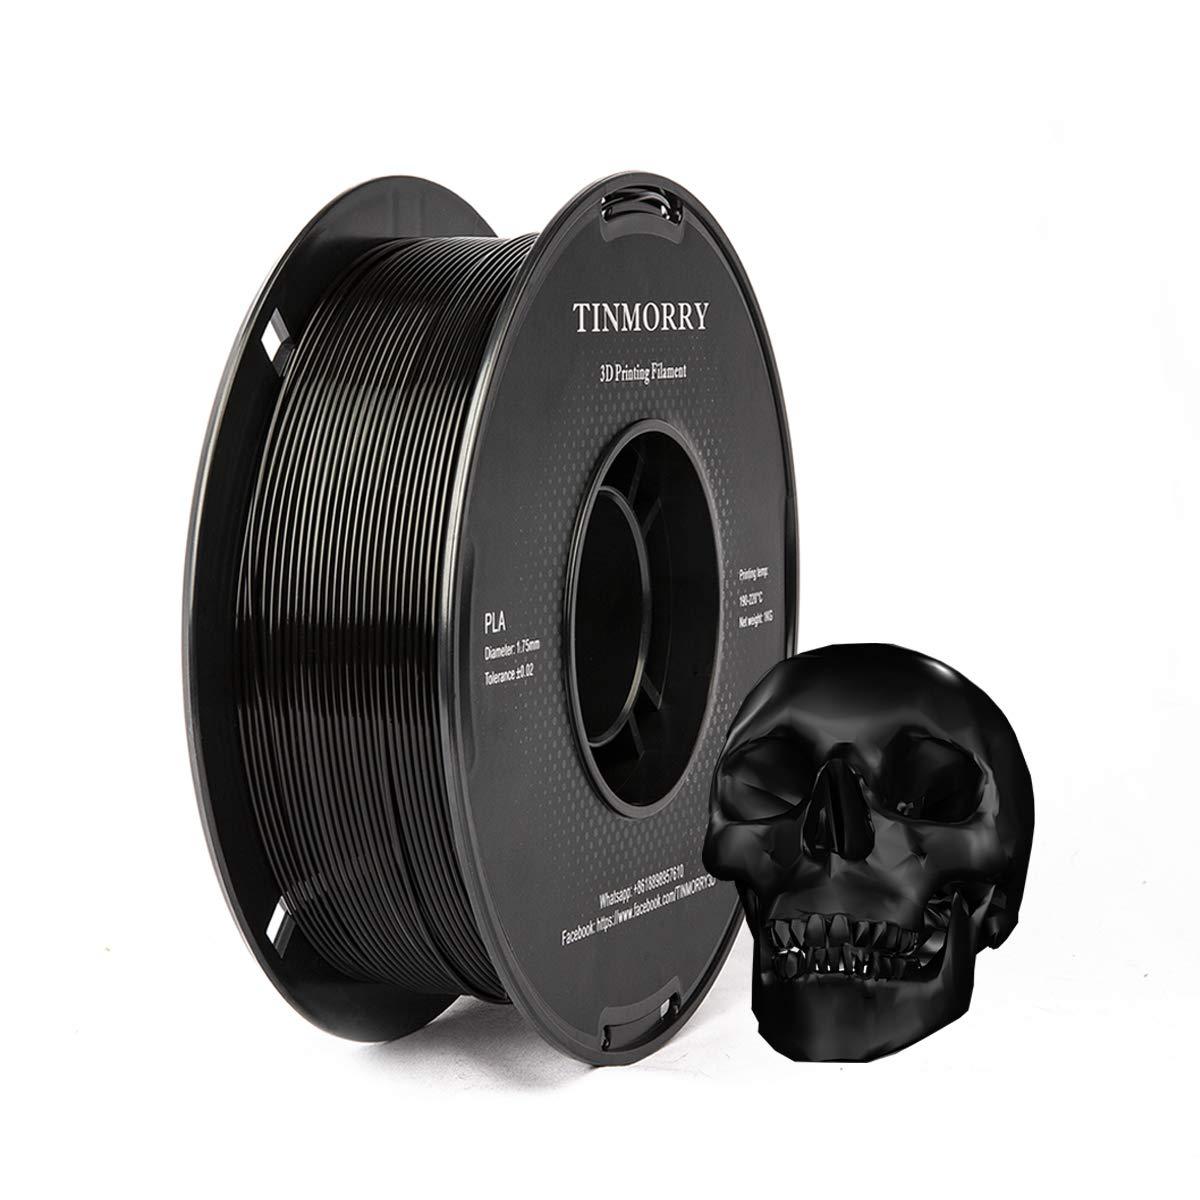 TINMORRY PLA Filament 3D Printing Materials for 3D Printer 1 Spool PLA Filament 1.75mm 1kg Black